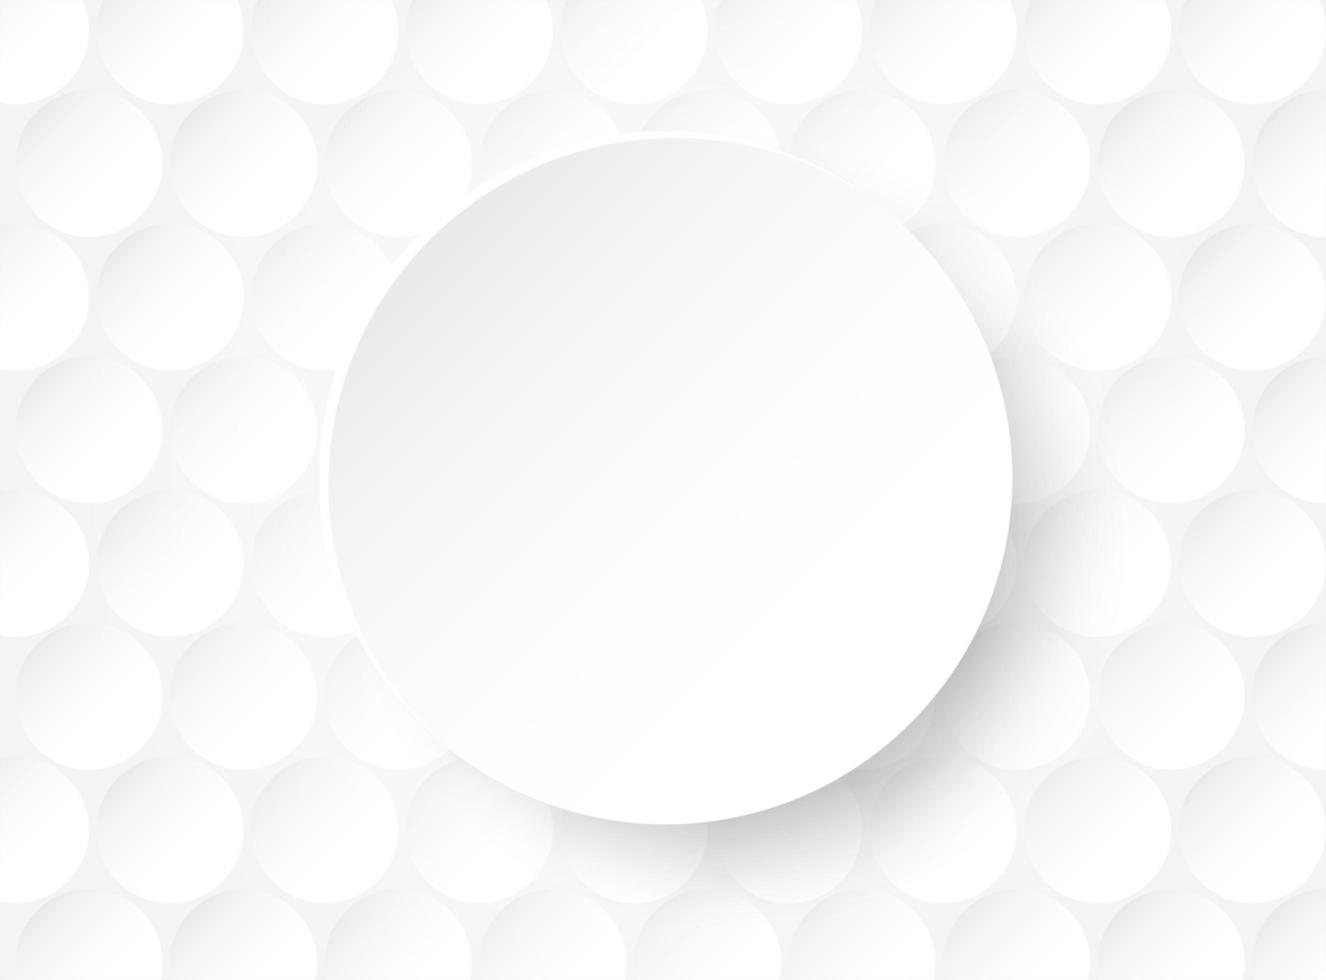 vit cirkel design med ljus och skugga vektor